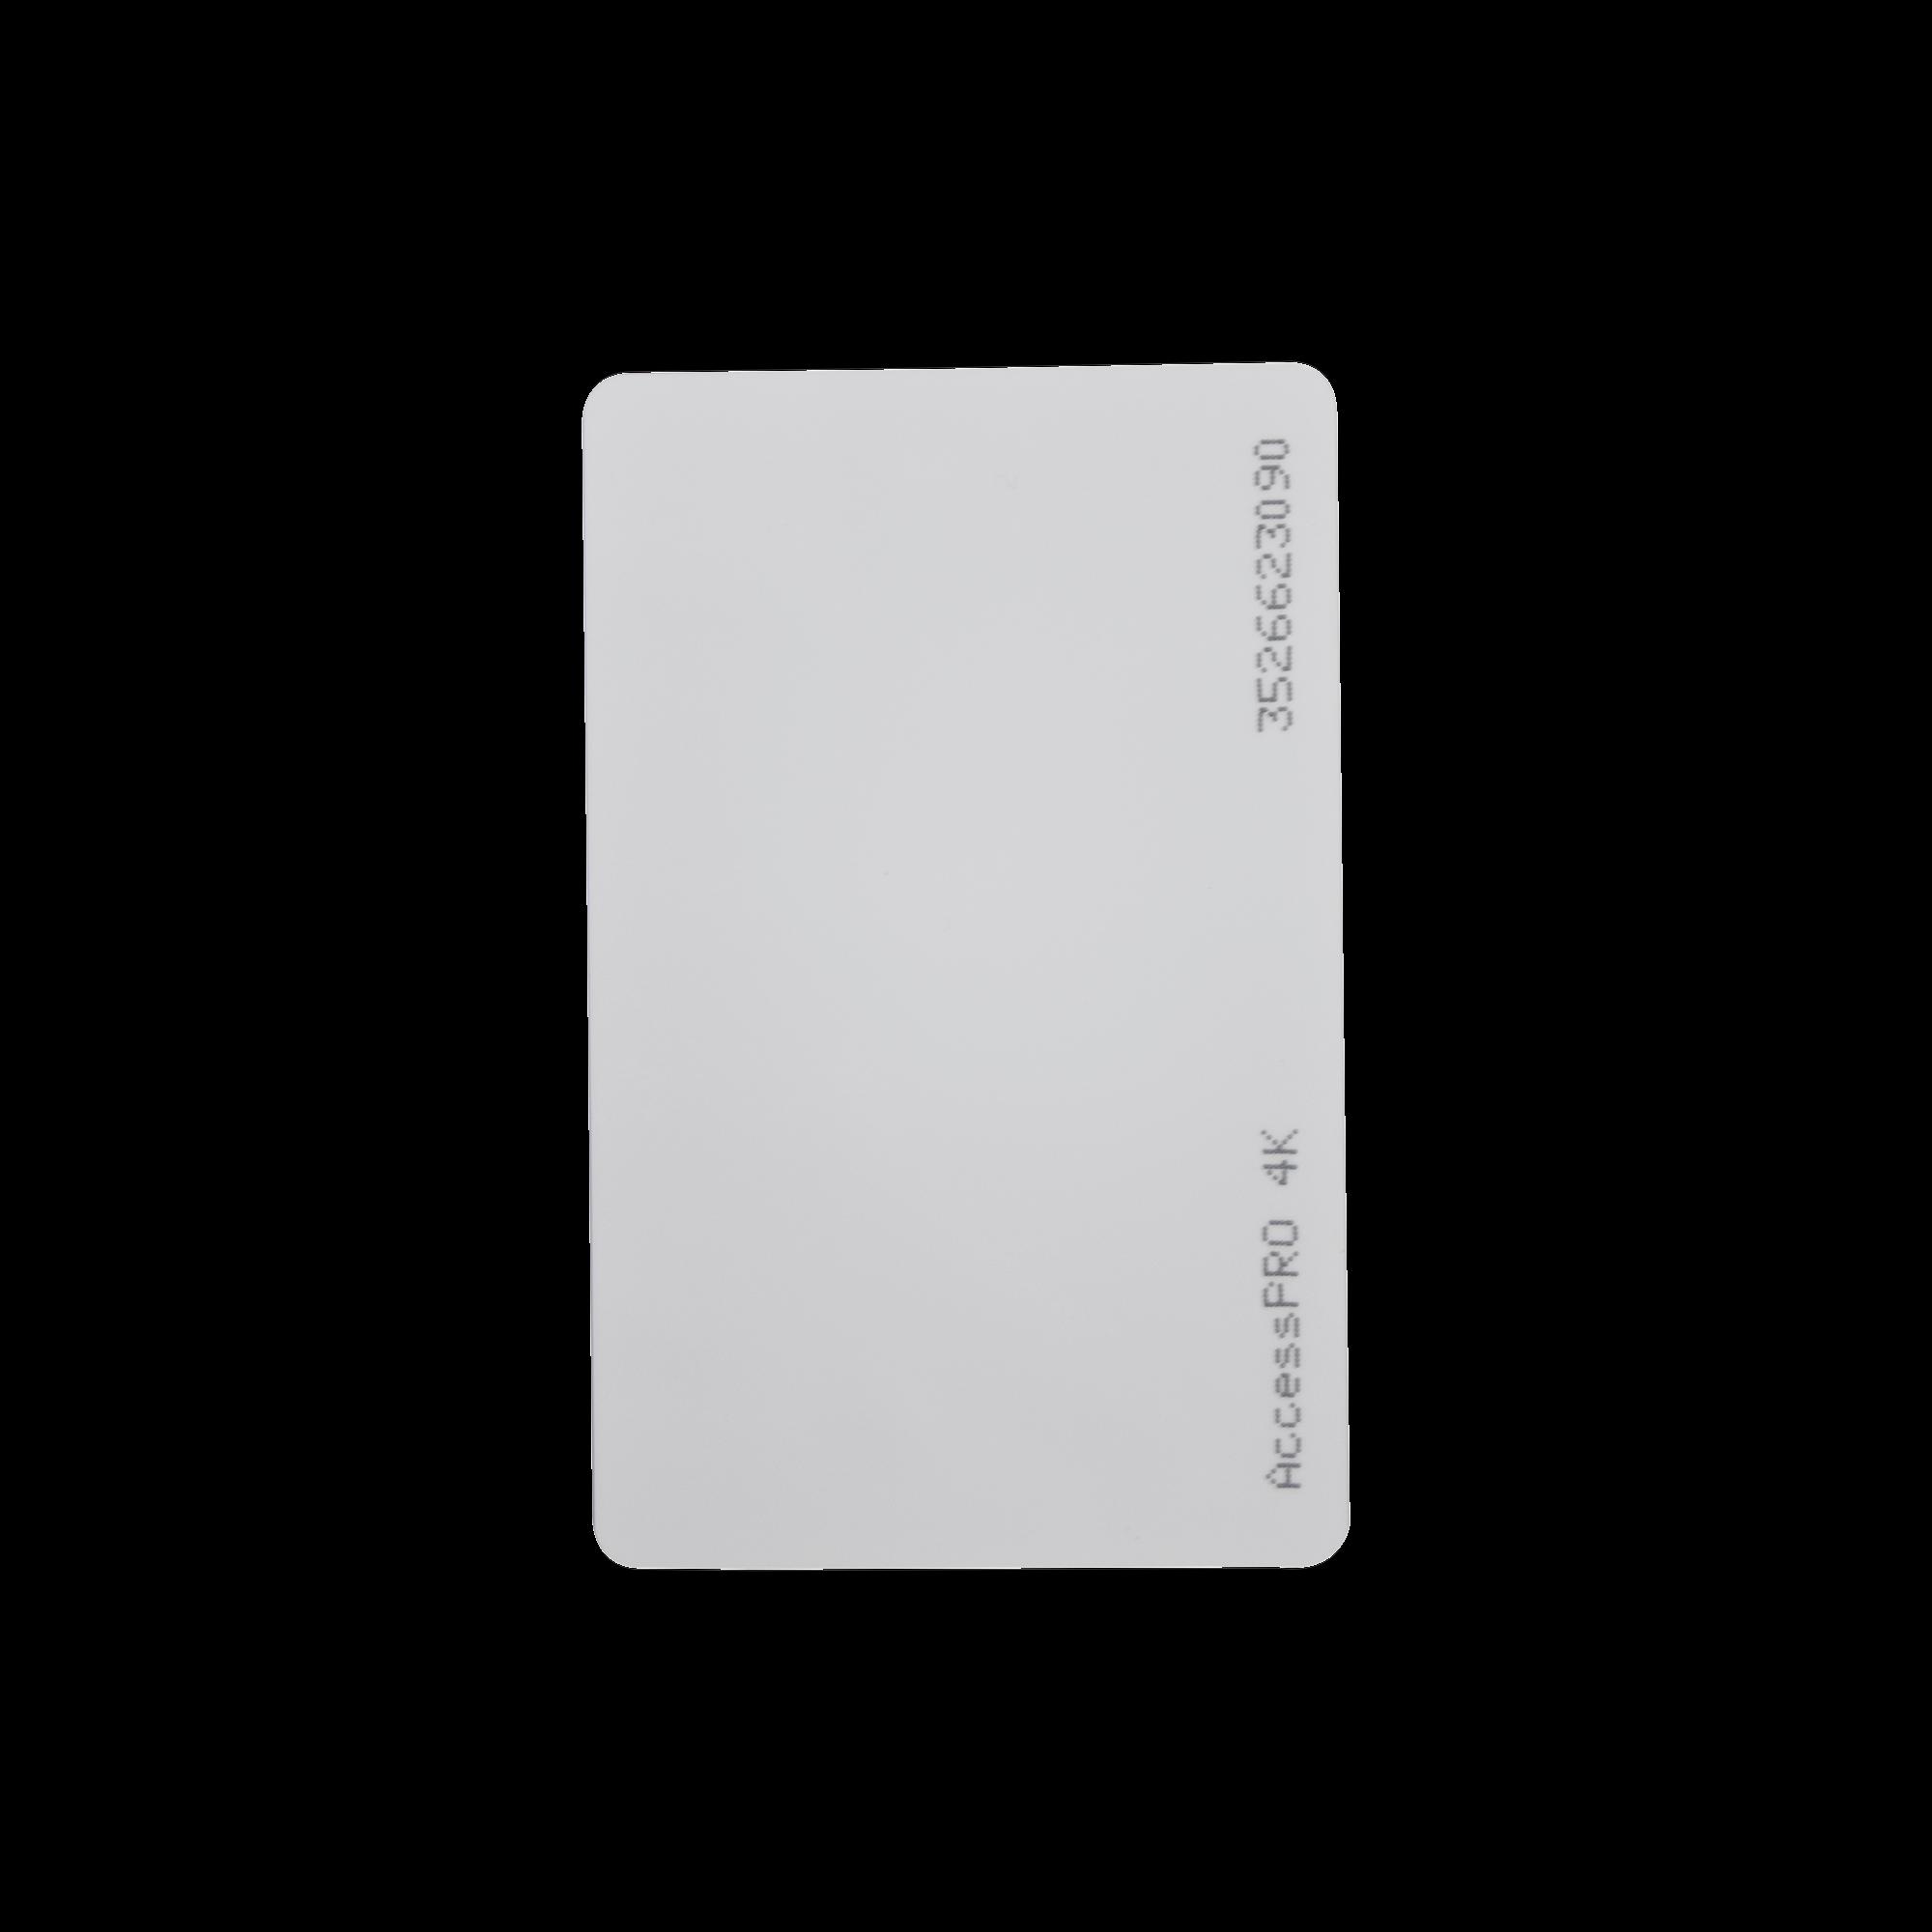 Tarjeta MIFARE Classic / Tipo ISO Card / Memoria 4Kb / Imprimible / Frecuencia 13.56 Mhz/ formato CR80